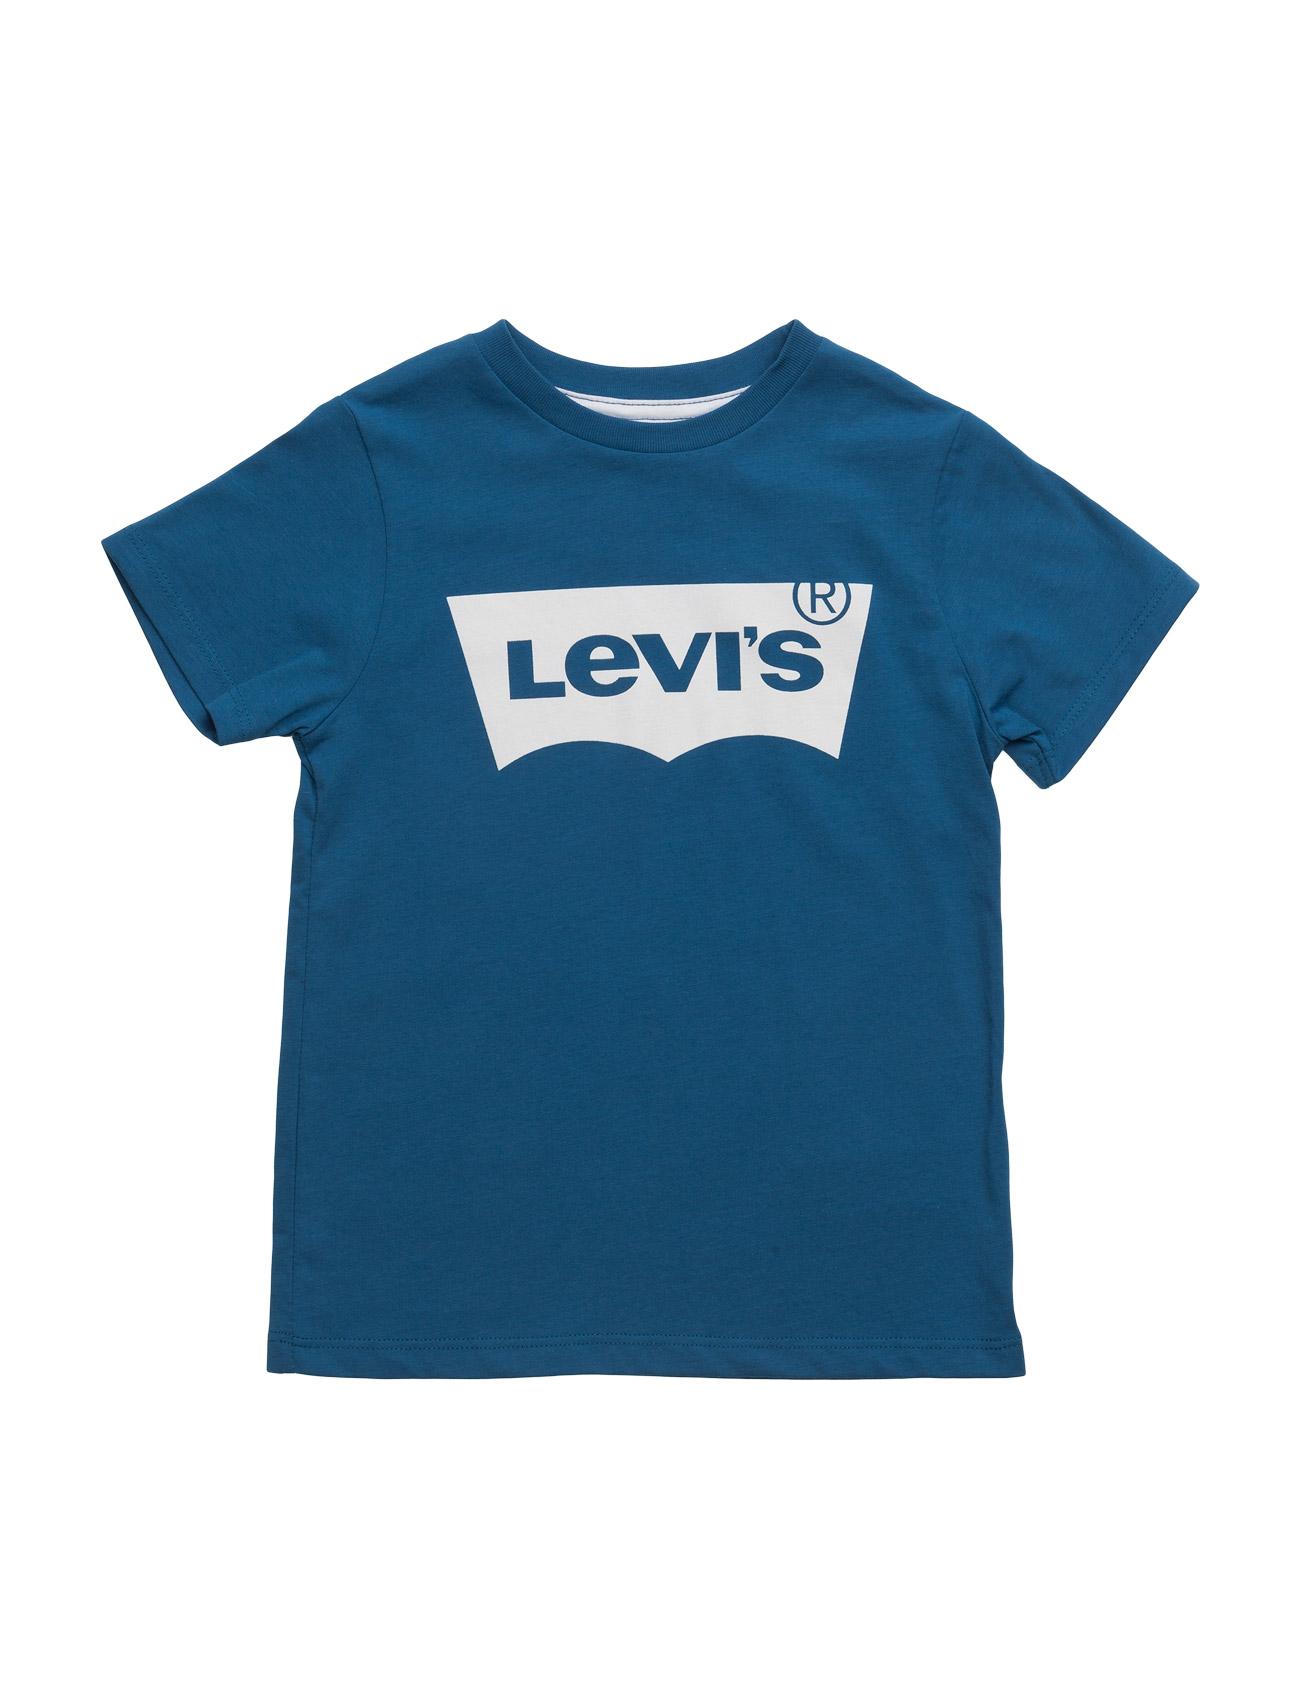 Ss-Tee Nos Levi's Kids Kortærmede t-shirts til Børn i Blæk